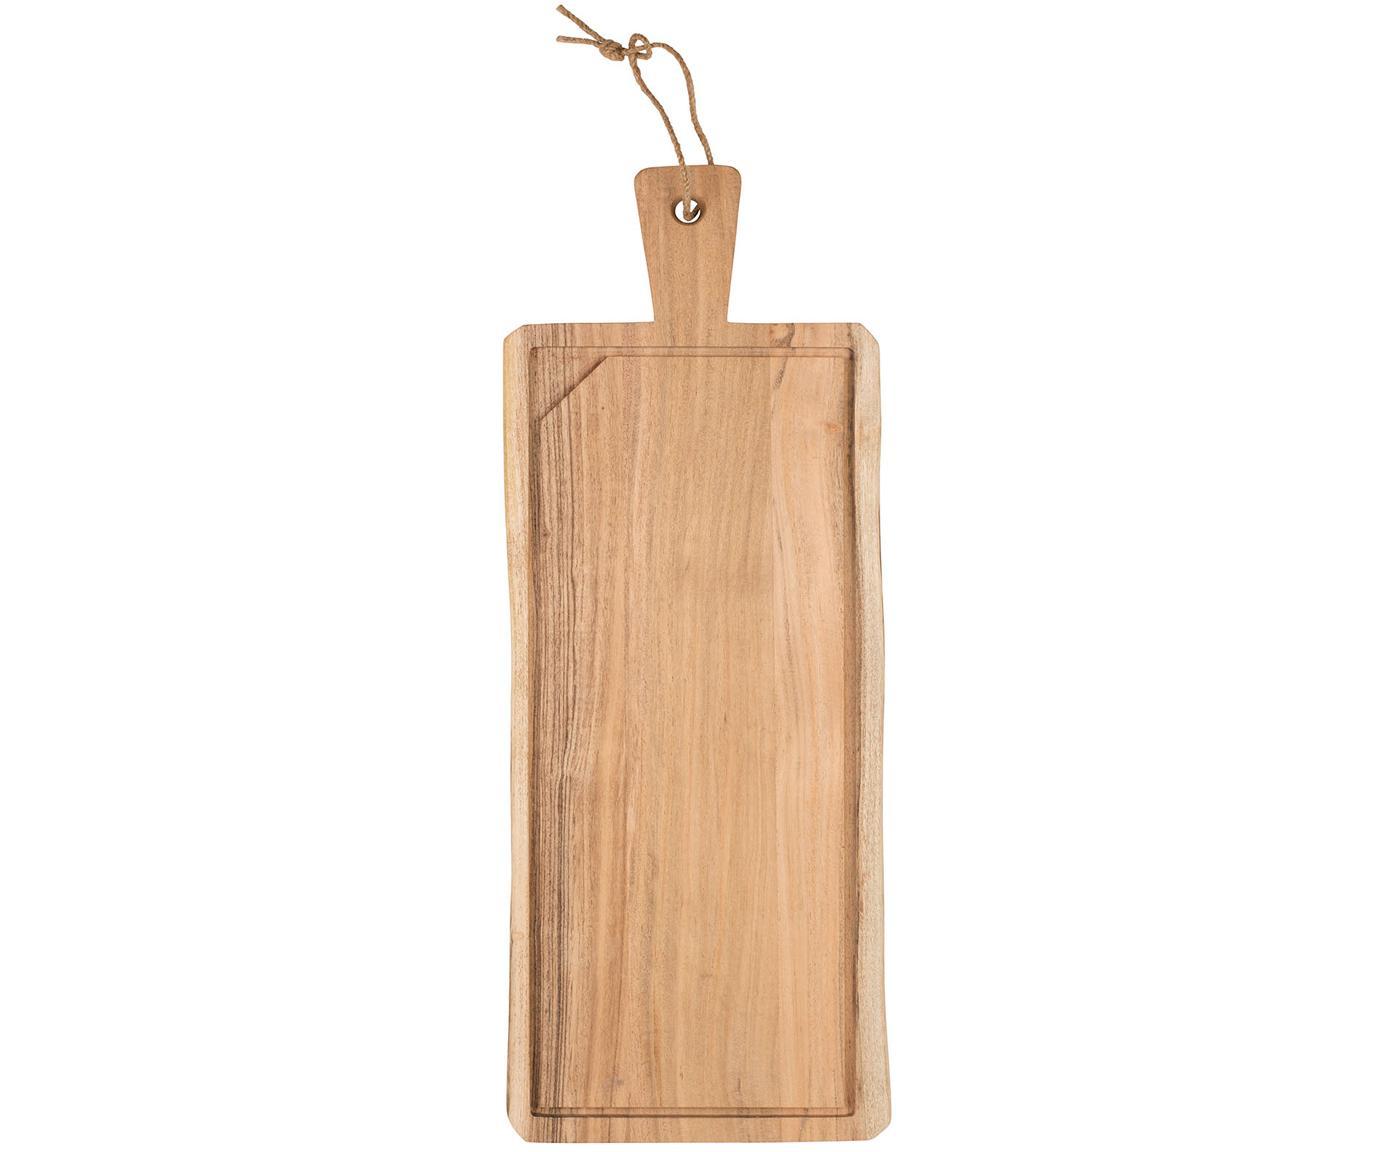 Deska do krojenia Albert, Drewno akacjowe, Drewno akacjowe, S 60 x G 23 cm